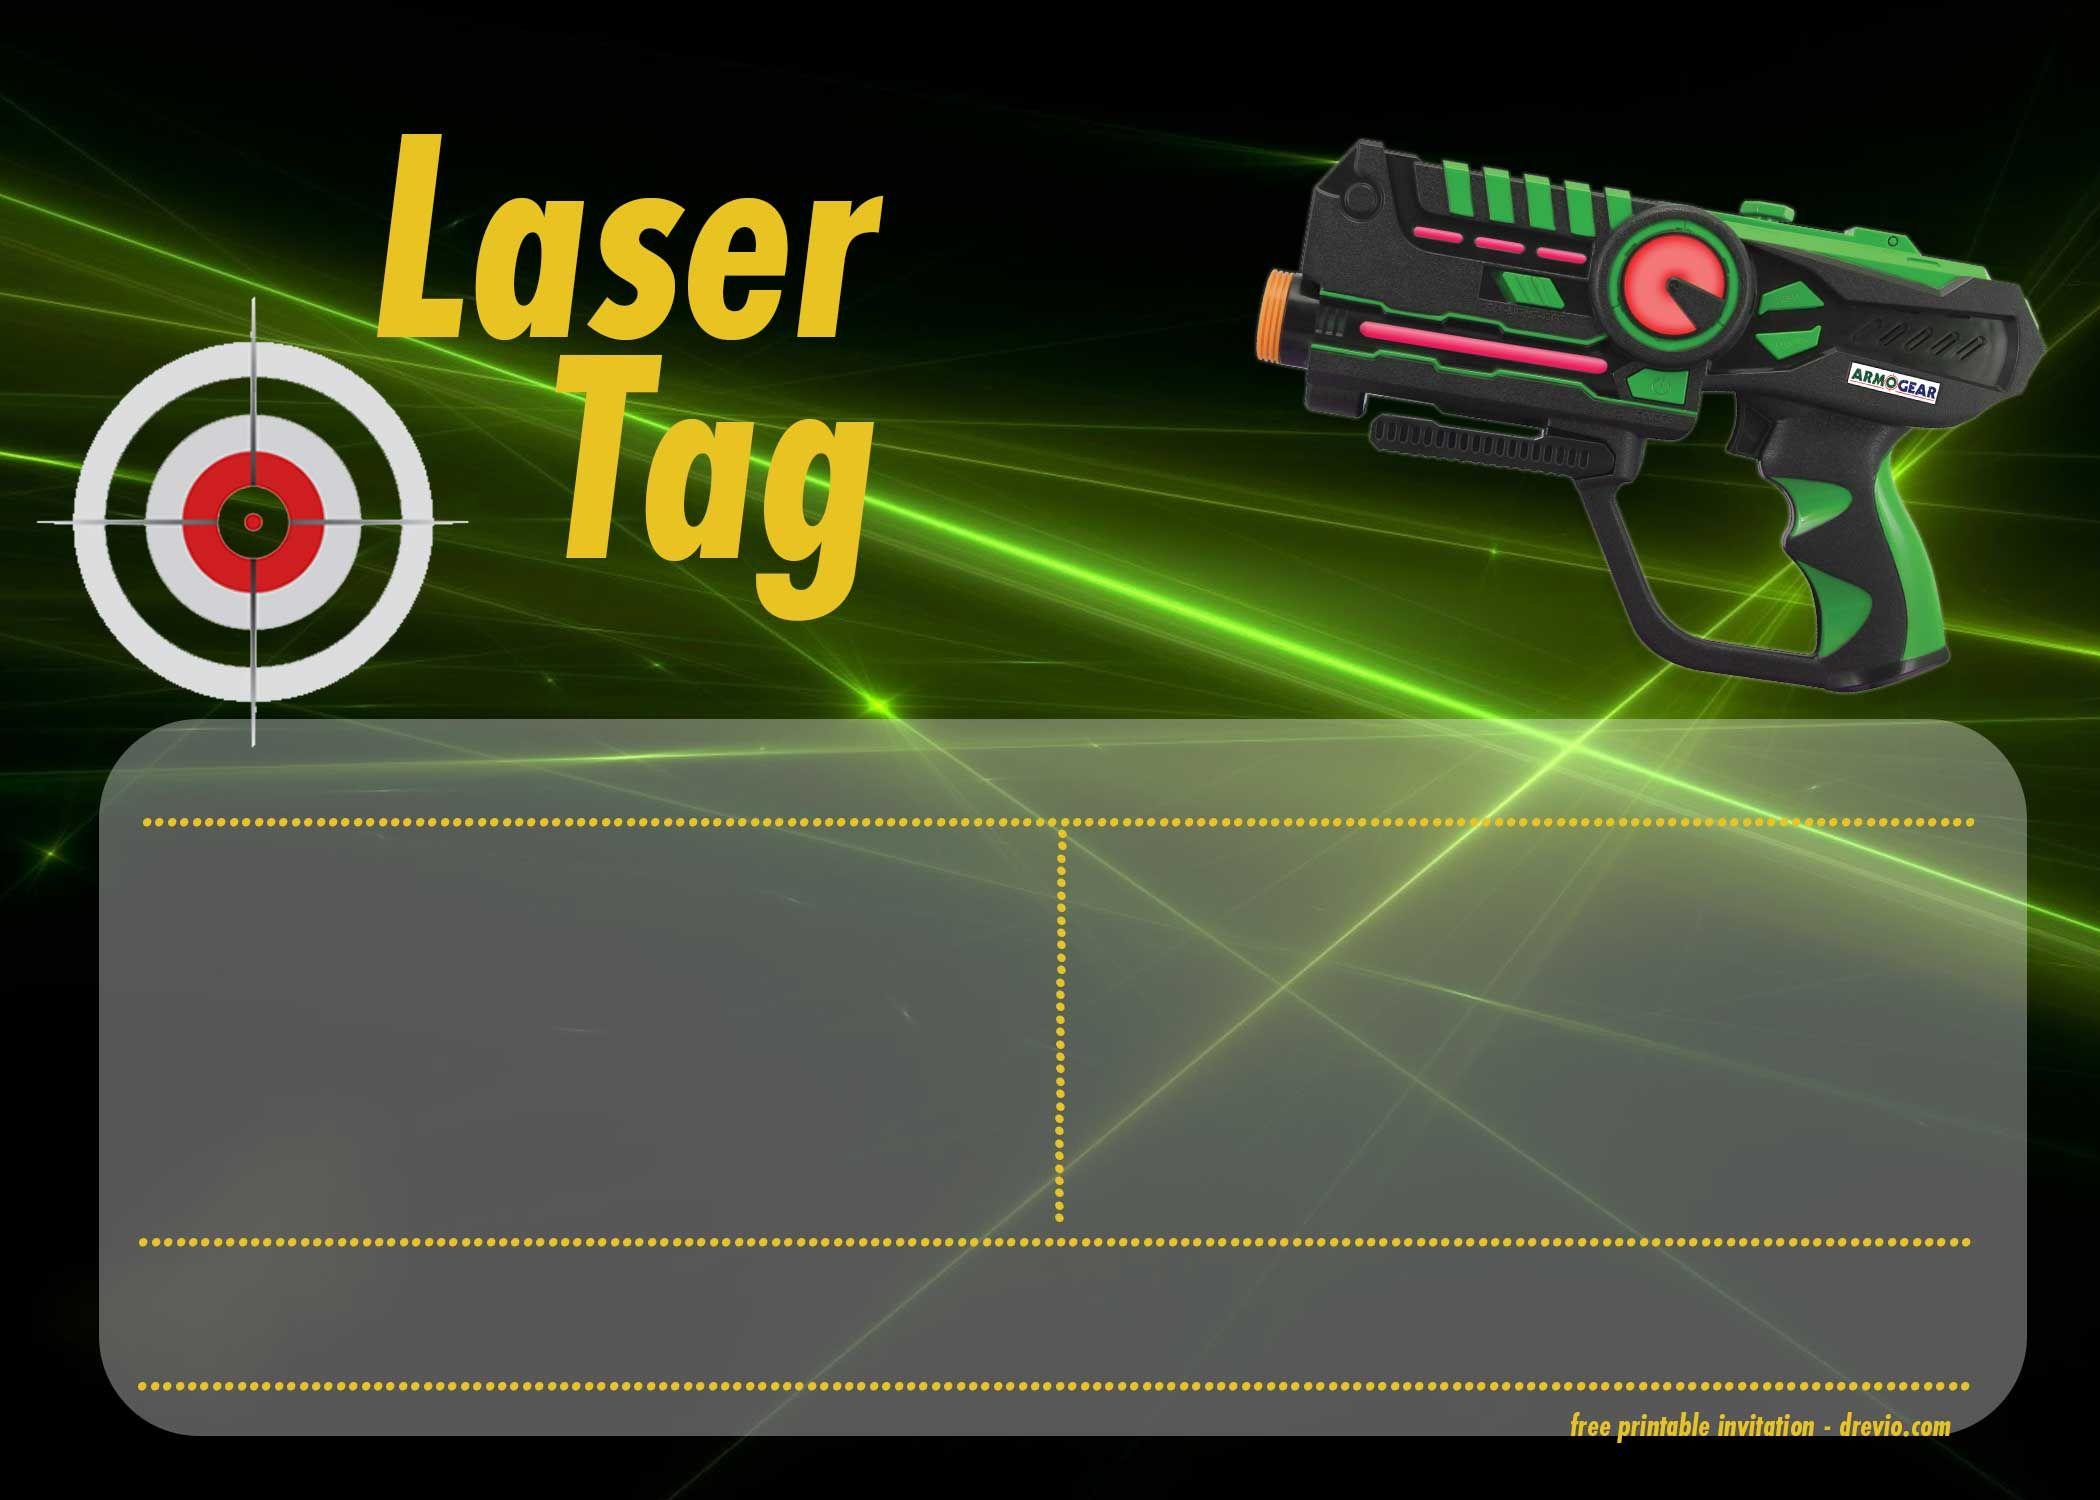 free printable laser tag invitation